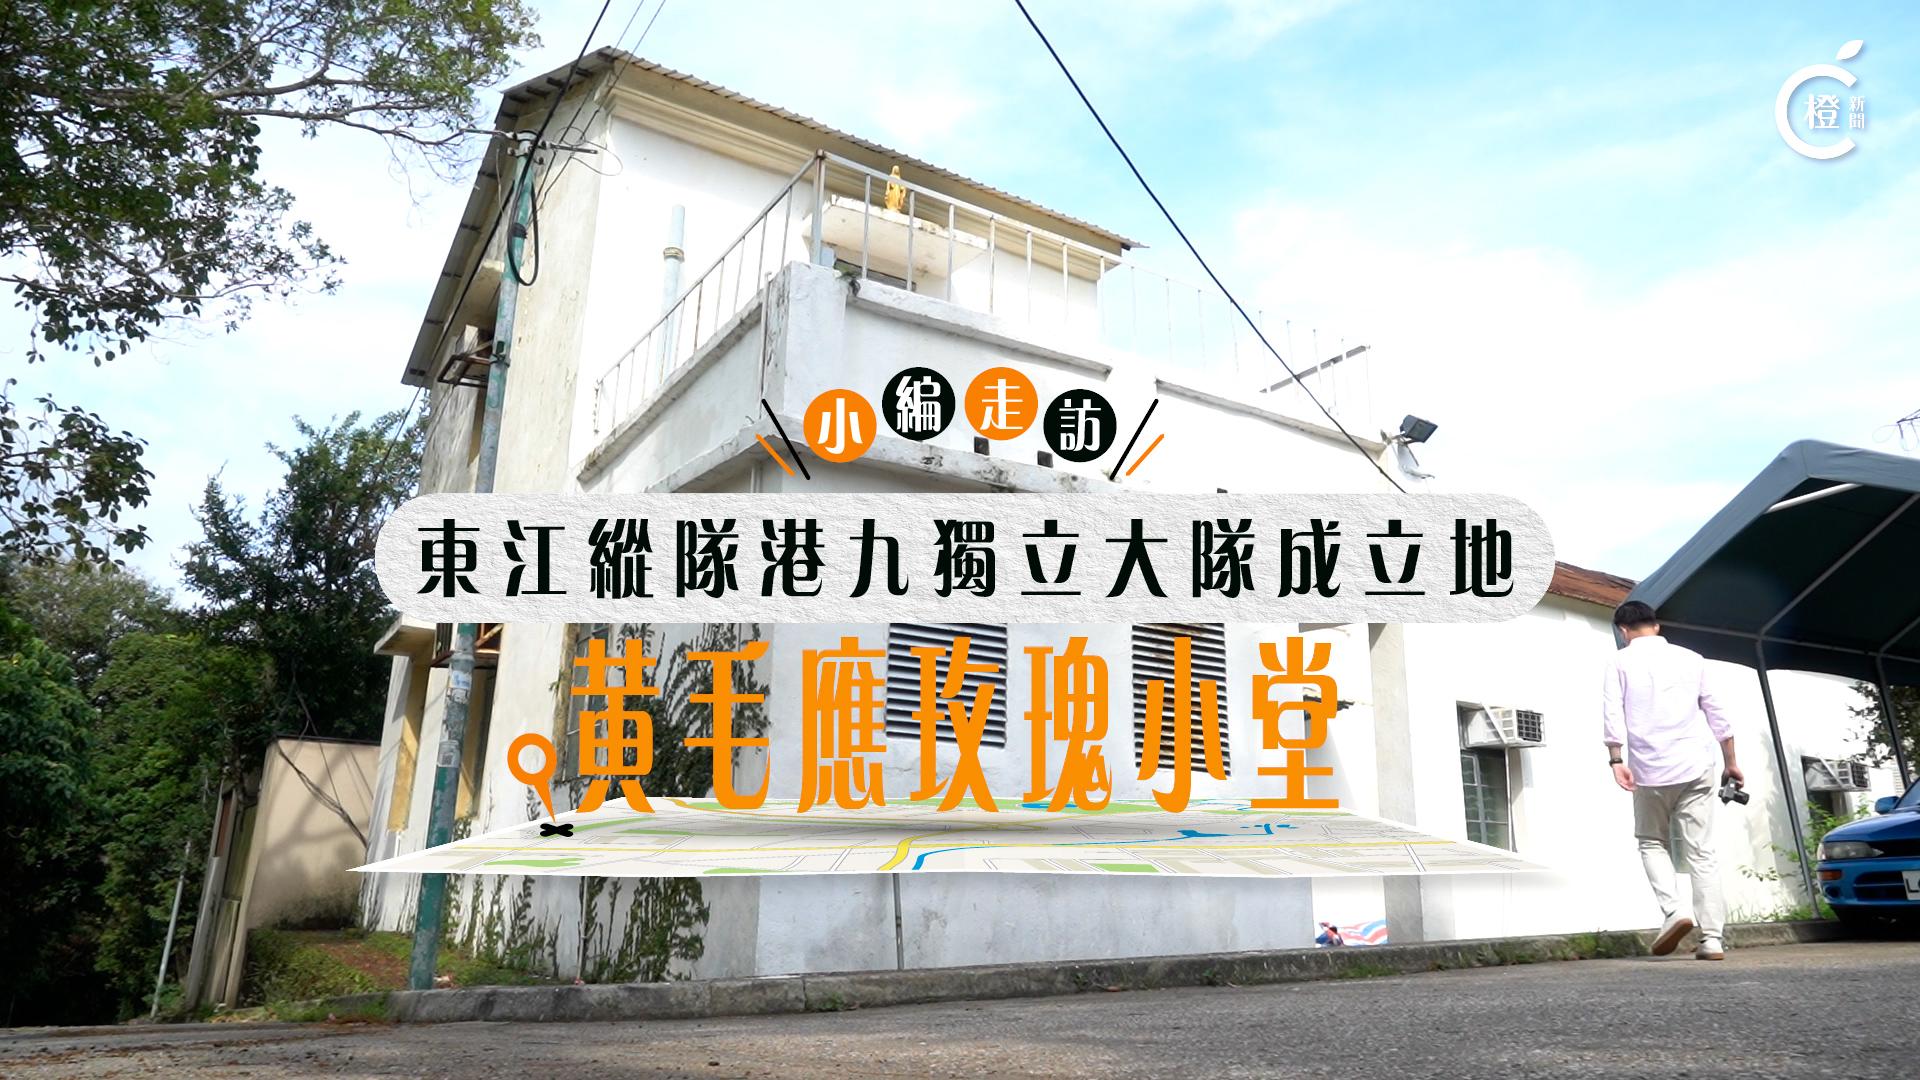 【小編Vlog】塵封教堂遺抗戰史 平民捨身護東江縱隊